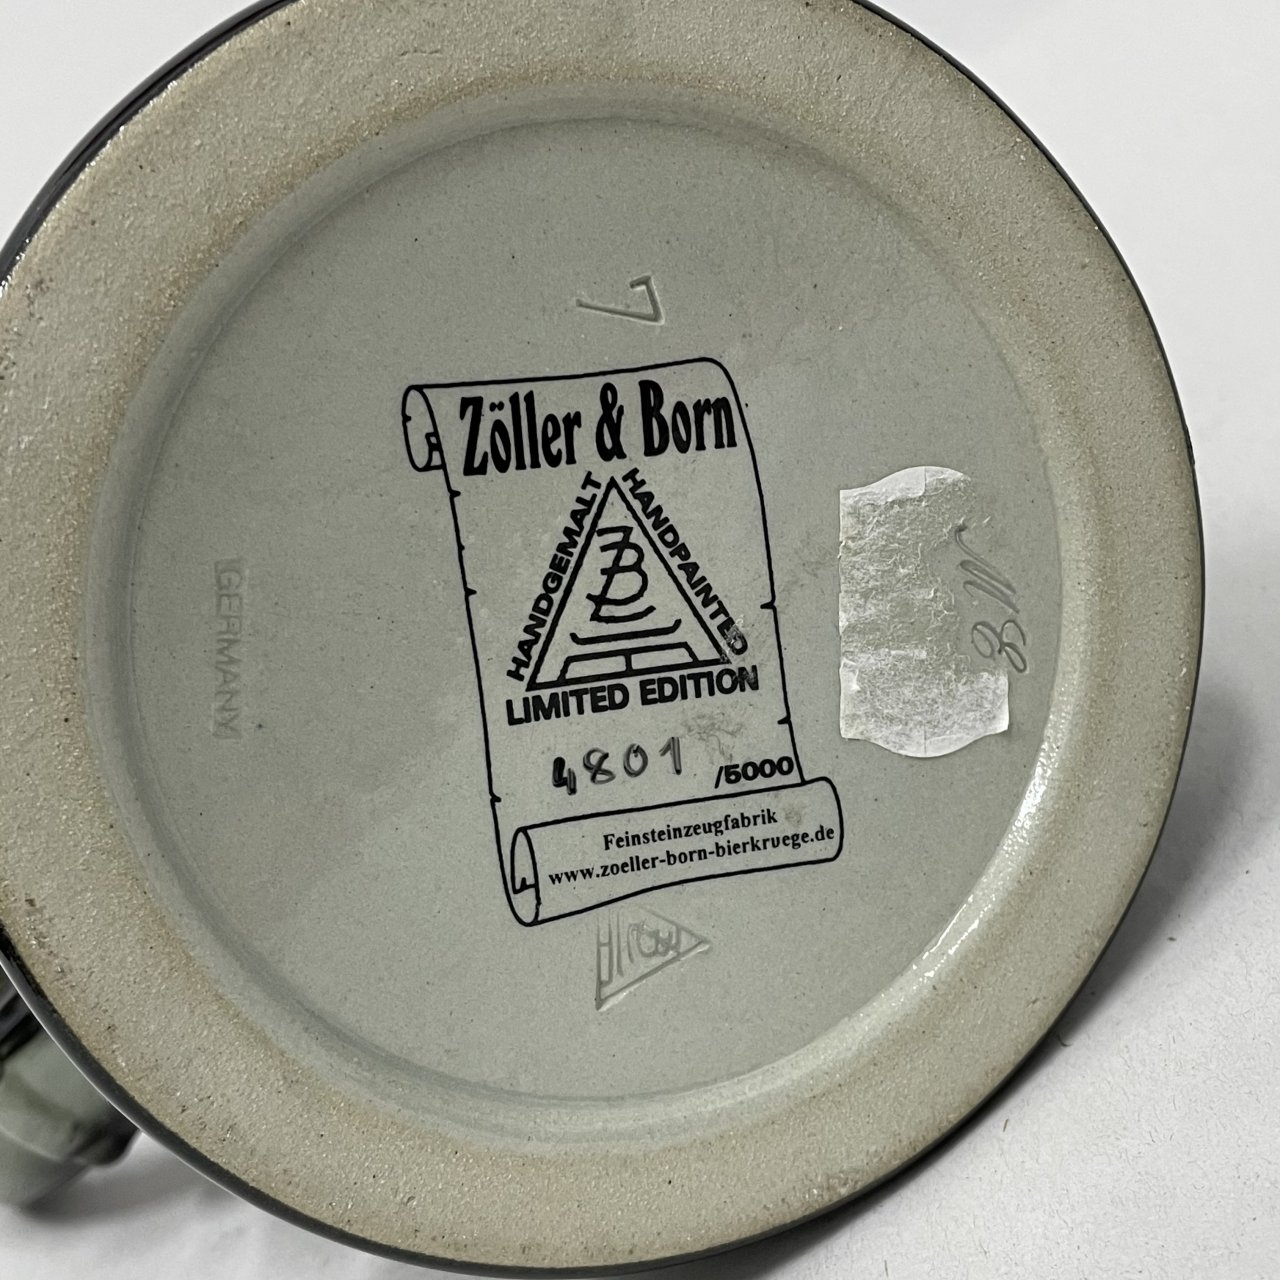 ZOLLER & BORN Limited Edition Handpainted German Beer Stein Deutschland Black Grey Gold